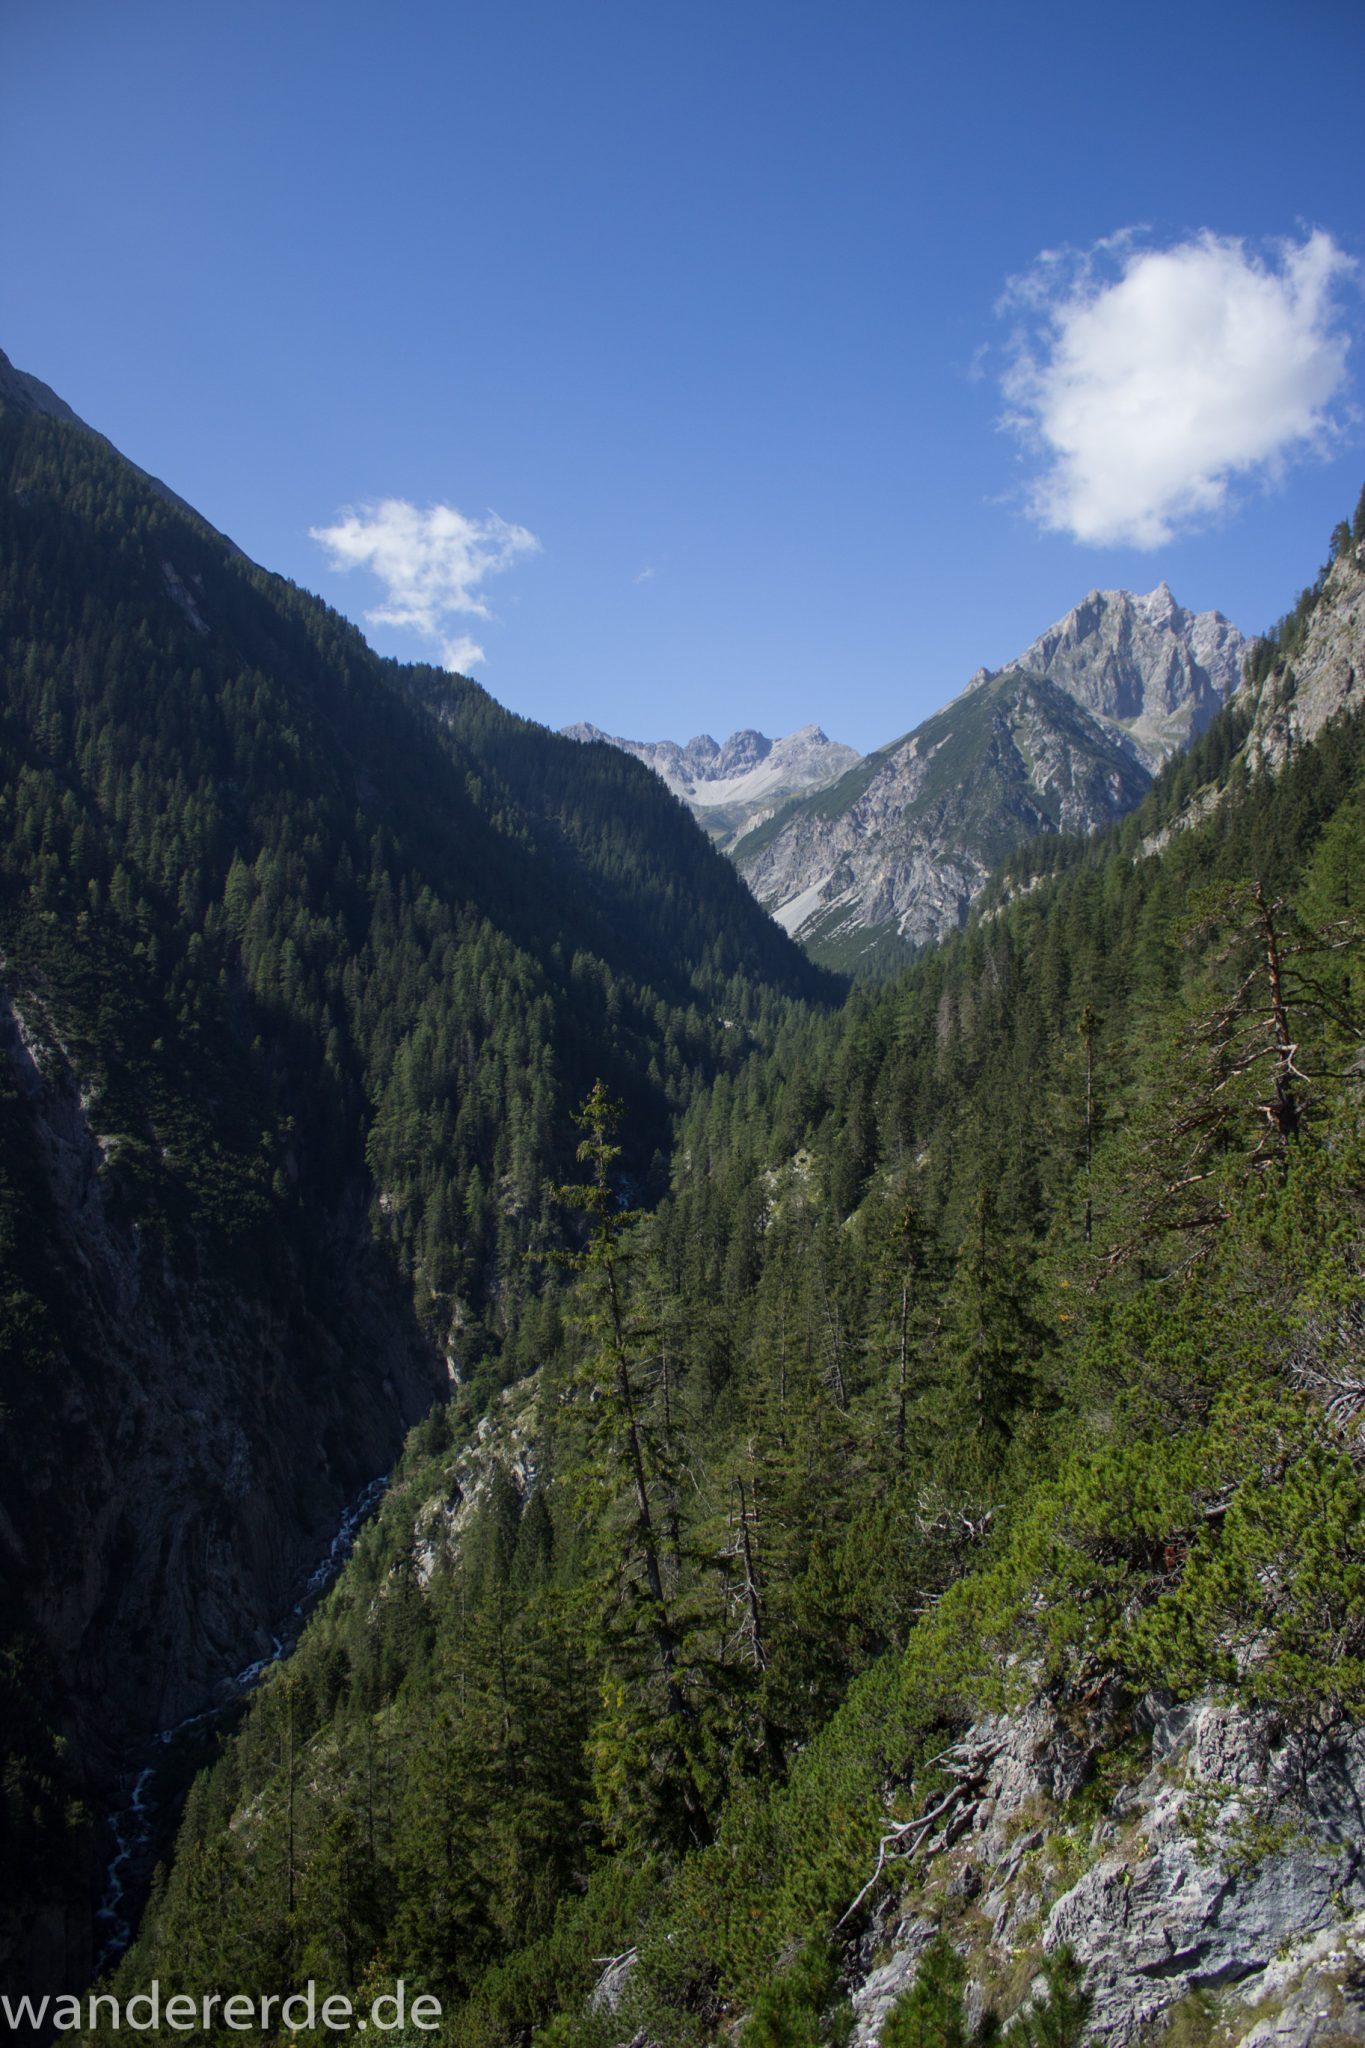 Alpenüberquerung Fernwanderweg E5 Oberstdorf Meran, 3. Etappe von Memminger Hütte zur Skihütte Zams, nach Erreichen der Seescharte folgt ein sehr langer Abstieg auf schmalem Wanderpfad Richtung Zams durch das Zammer Loch, Abschnitt  mit saftig grüner Vegetation, viele Bäume spenden Schatten, in unzähligen Serpentinen geht es abwärts Richtung Zams durch eine beeindruckende Schlucht